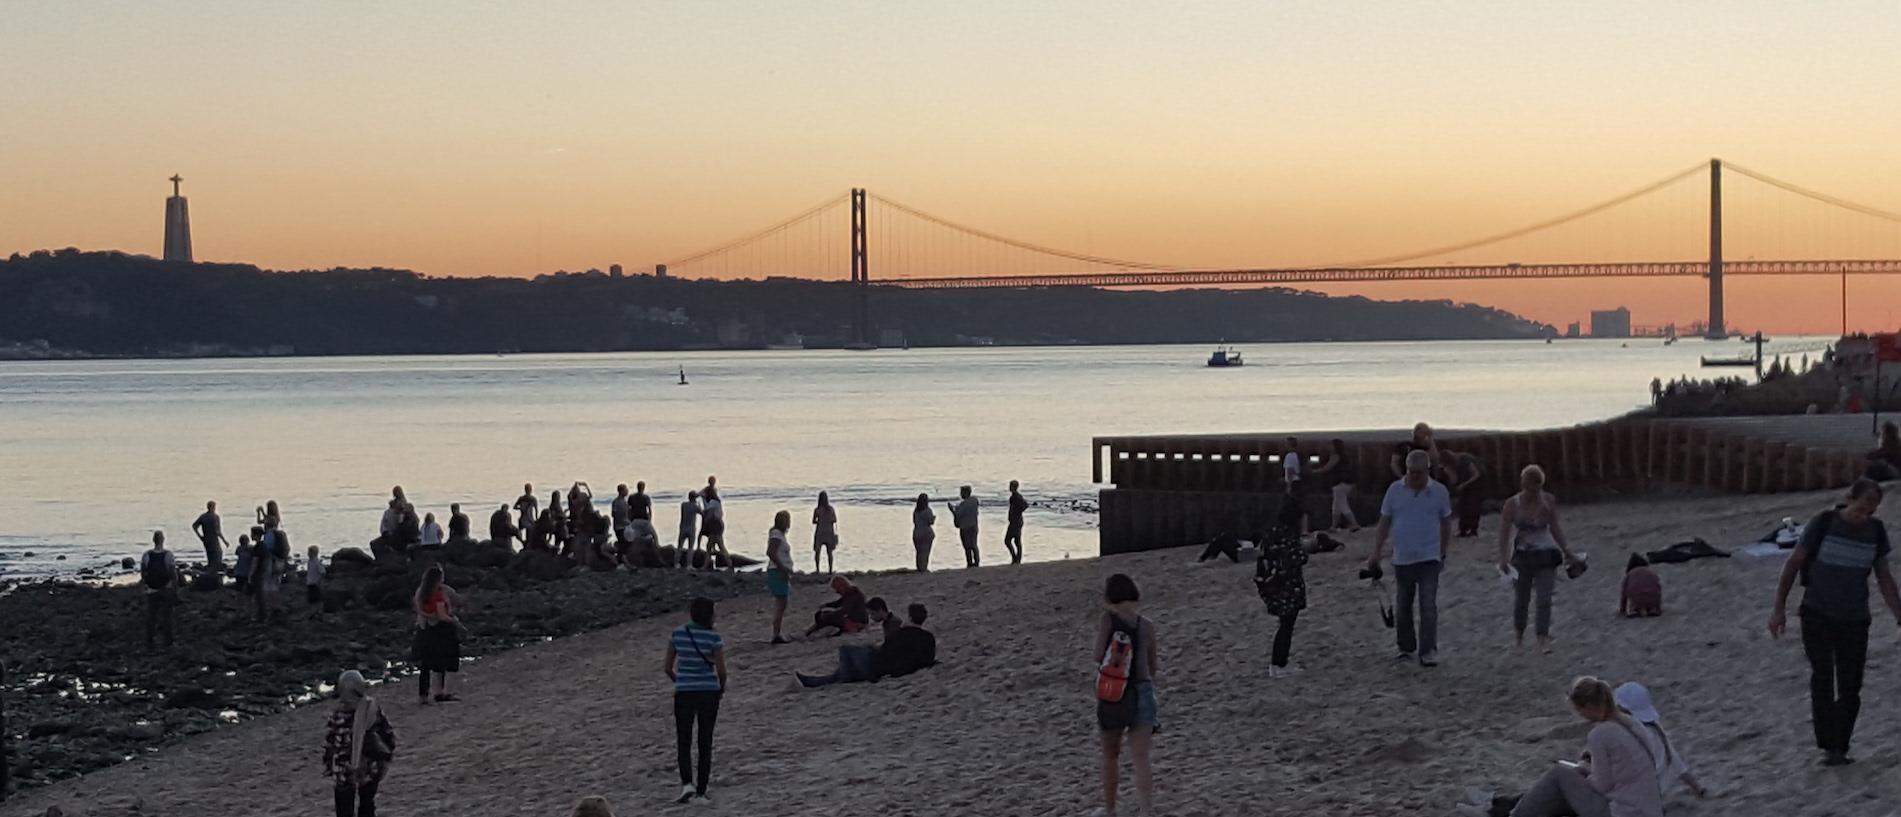 Lisboetas y turistas por igual aguardan la puesta de sol a orillas del Tajo (Fotografía Espiral21).